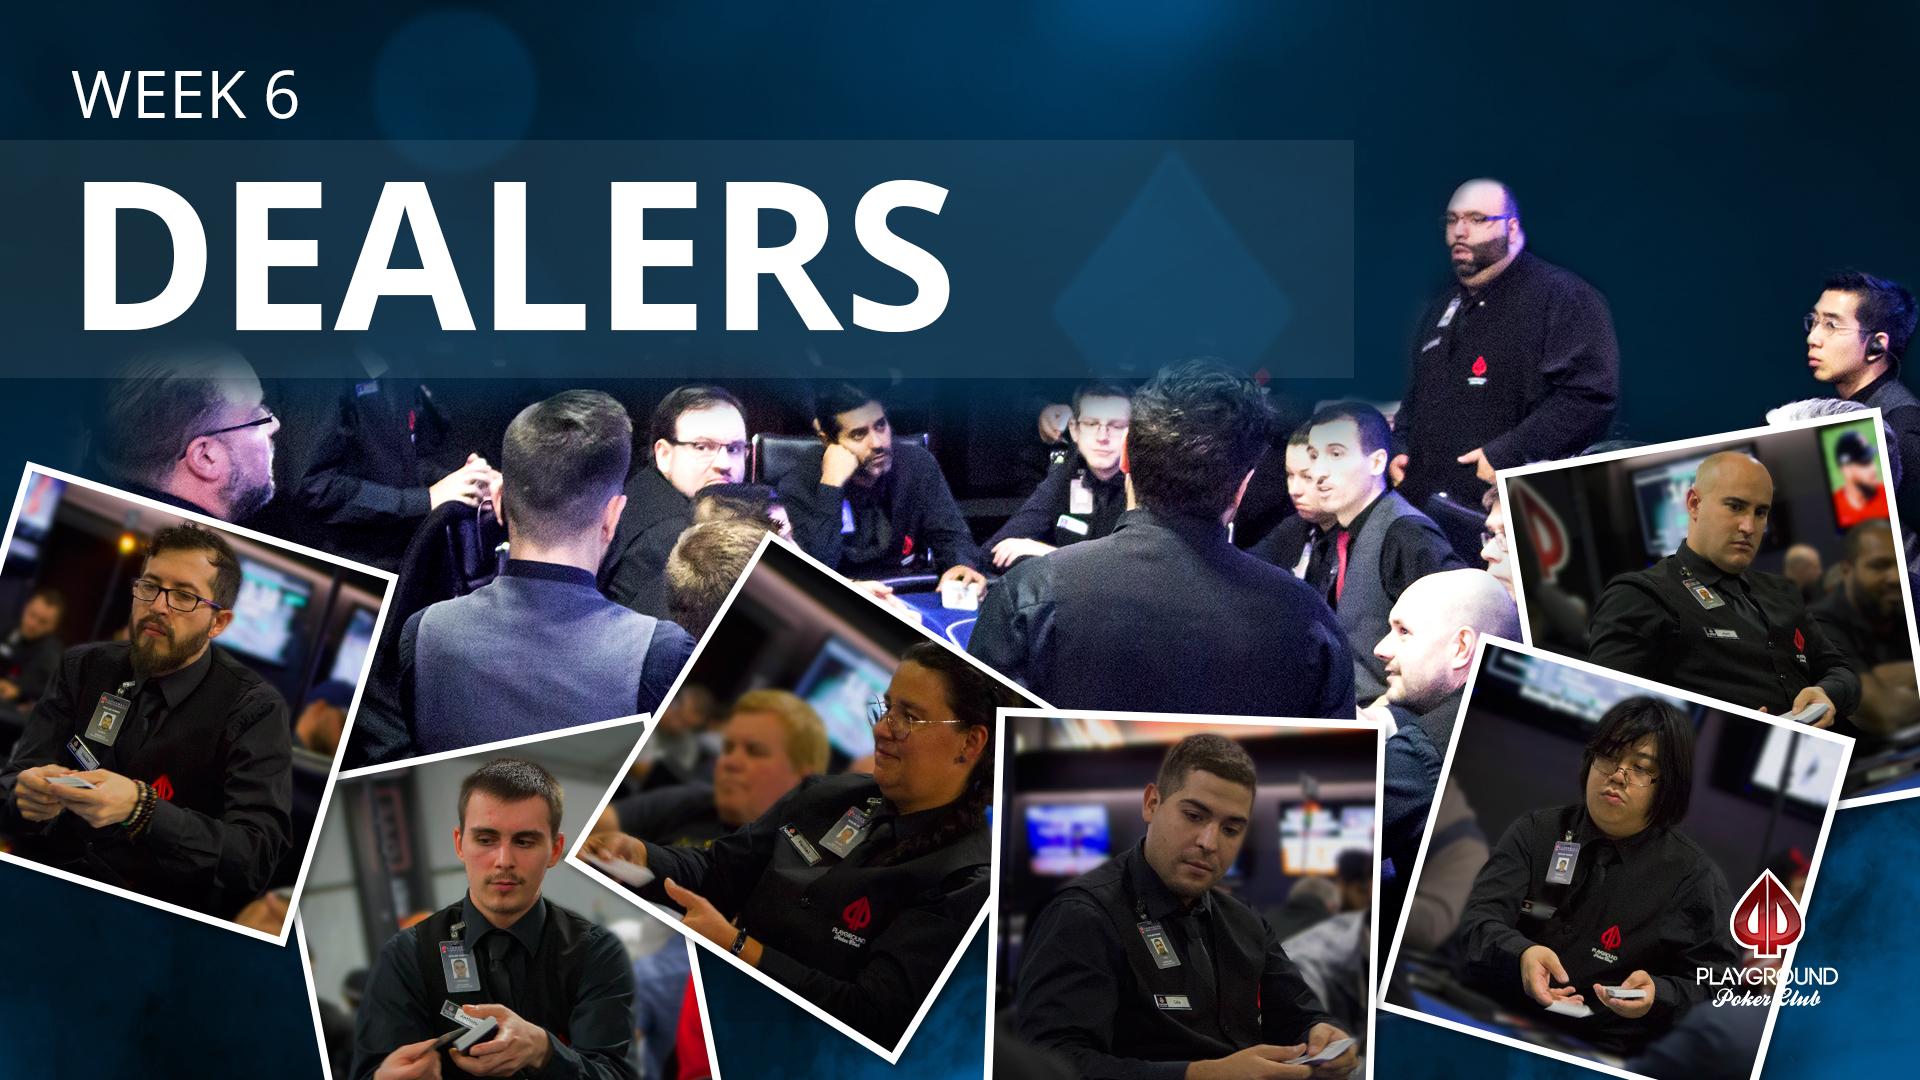 Week 6 – Dealers